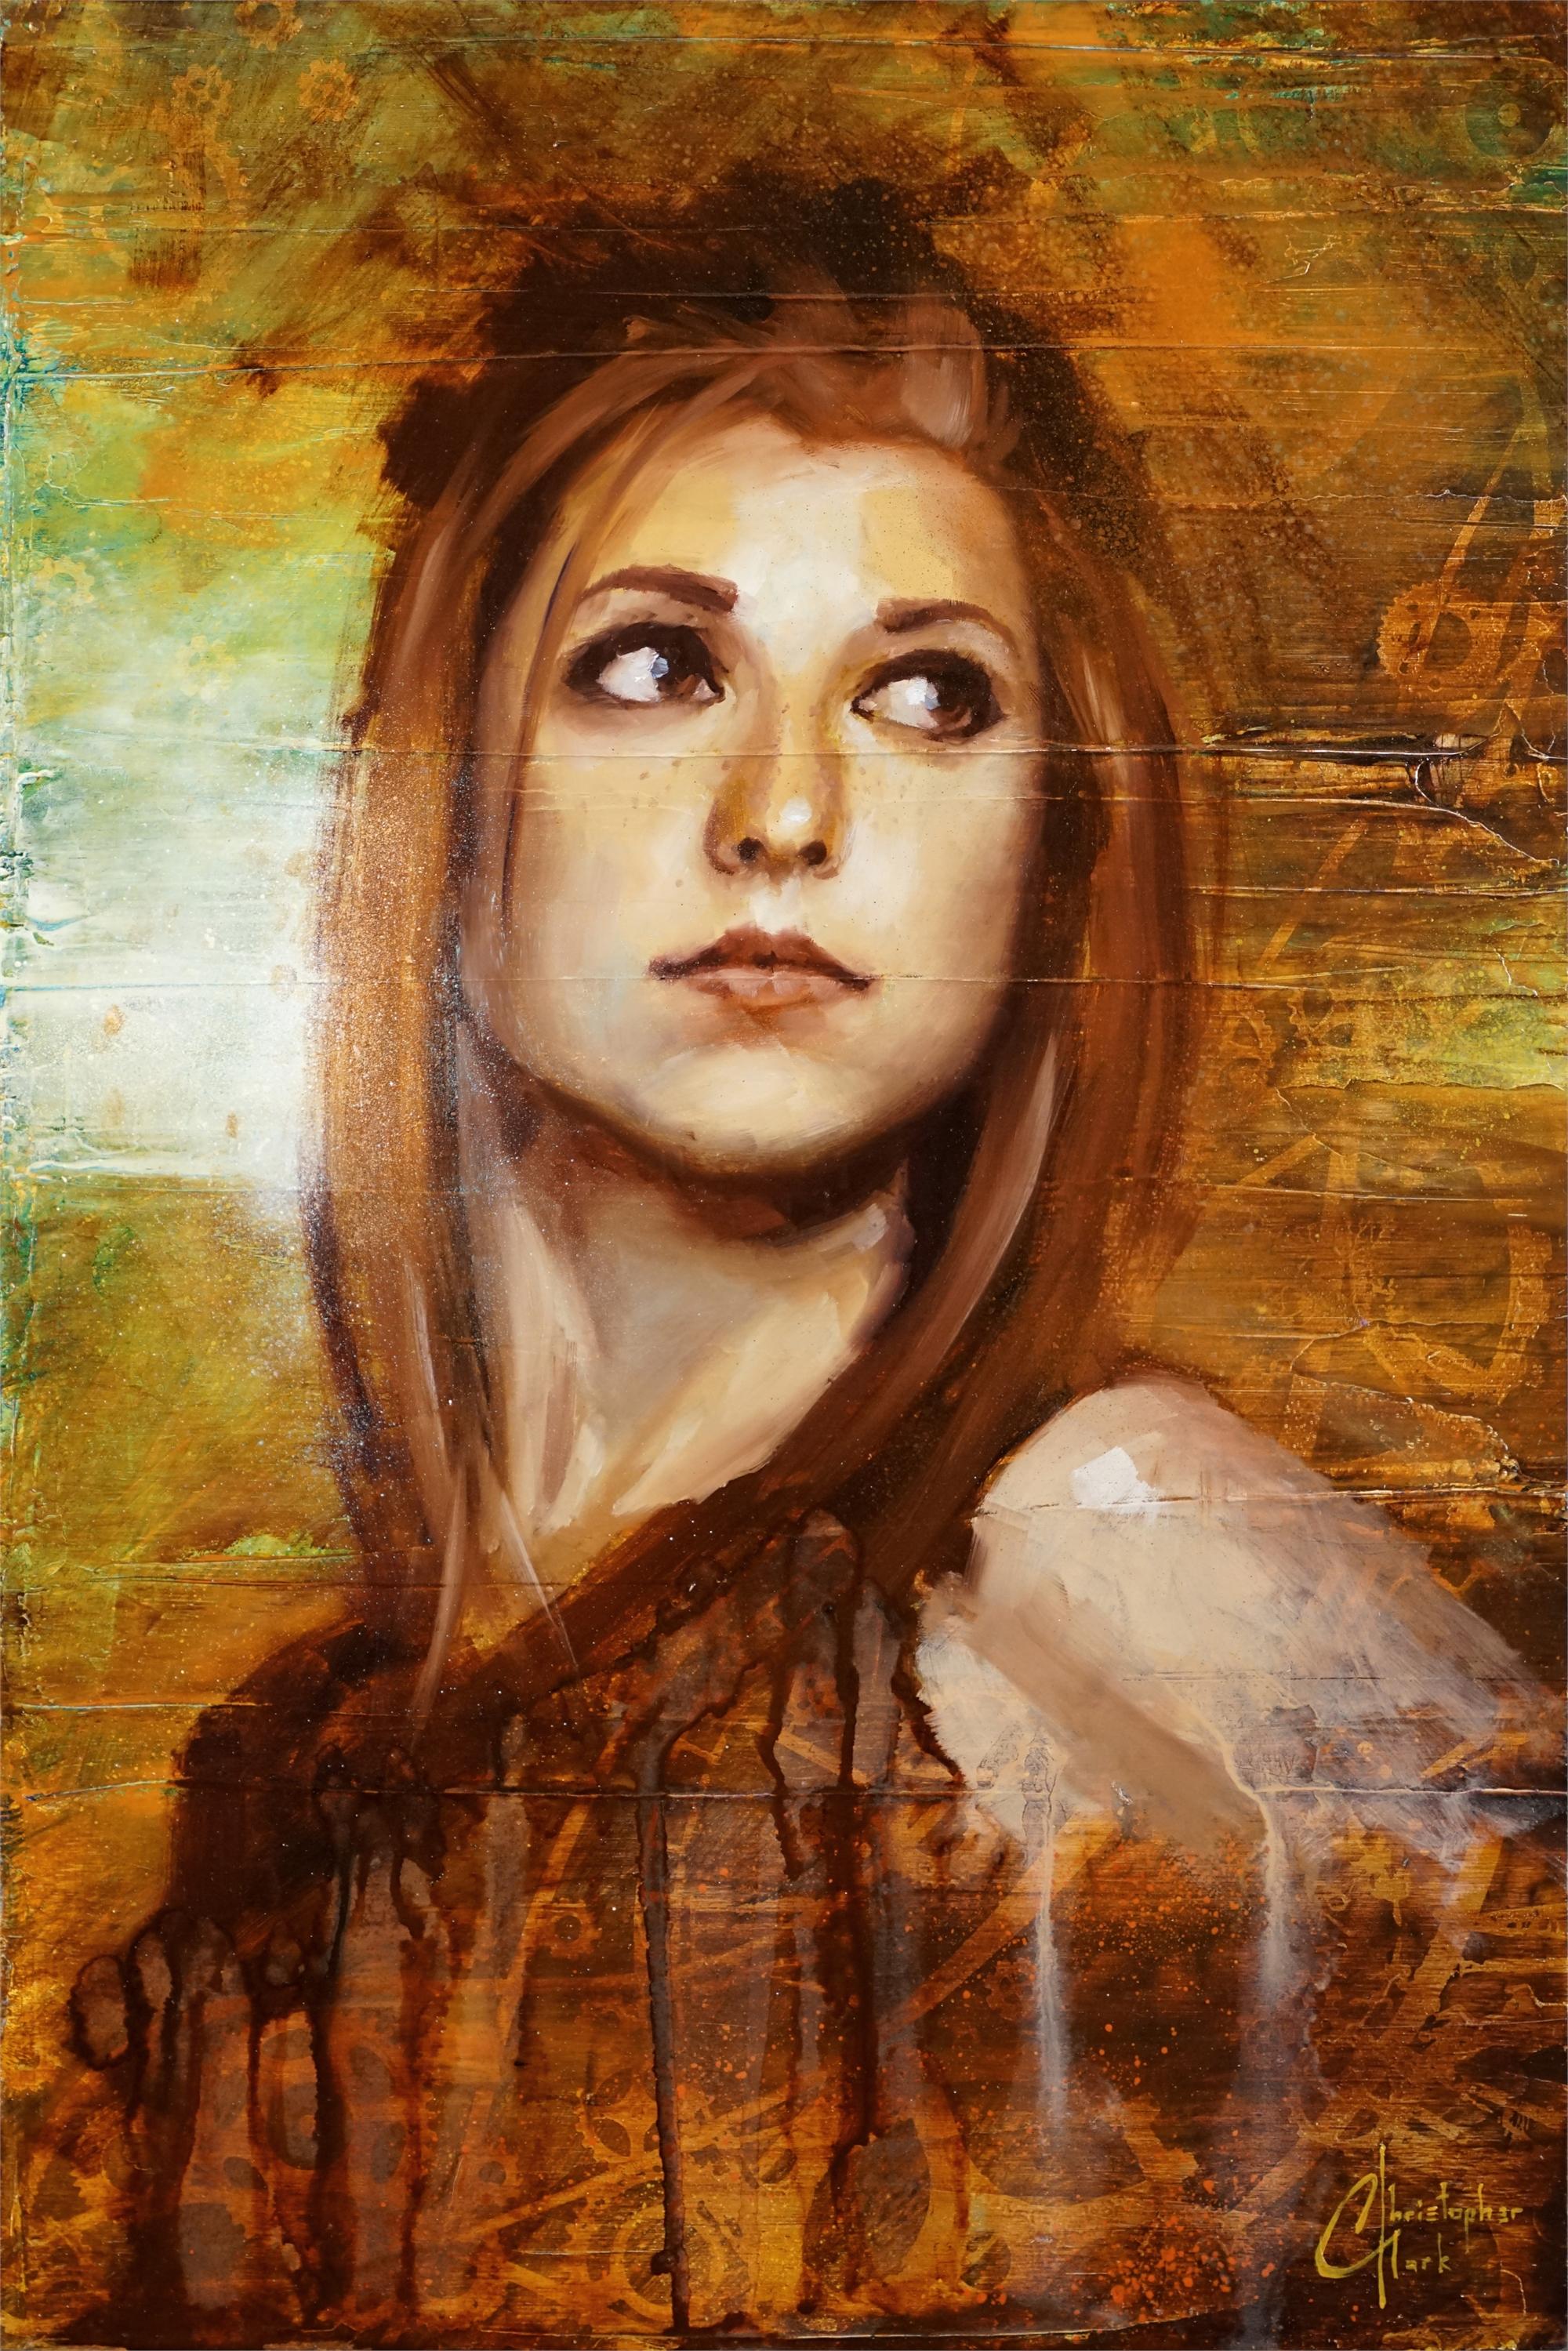 Brigitte by Christopher Clark